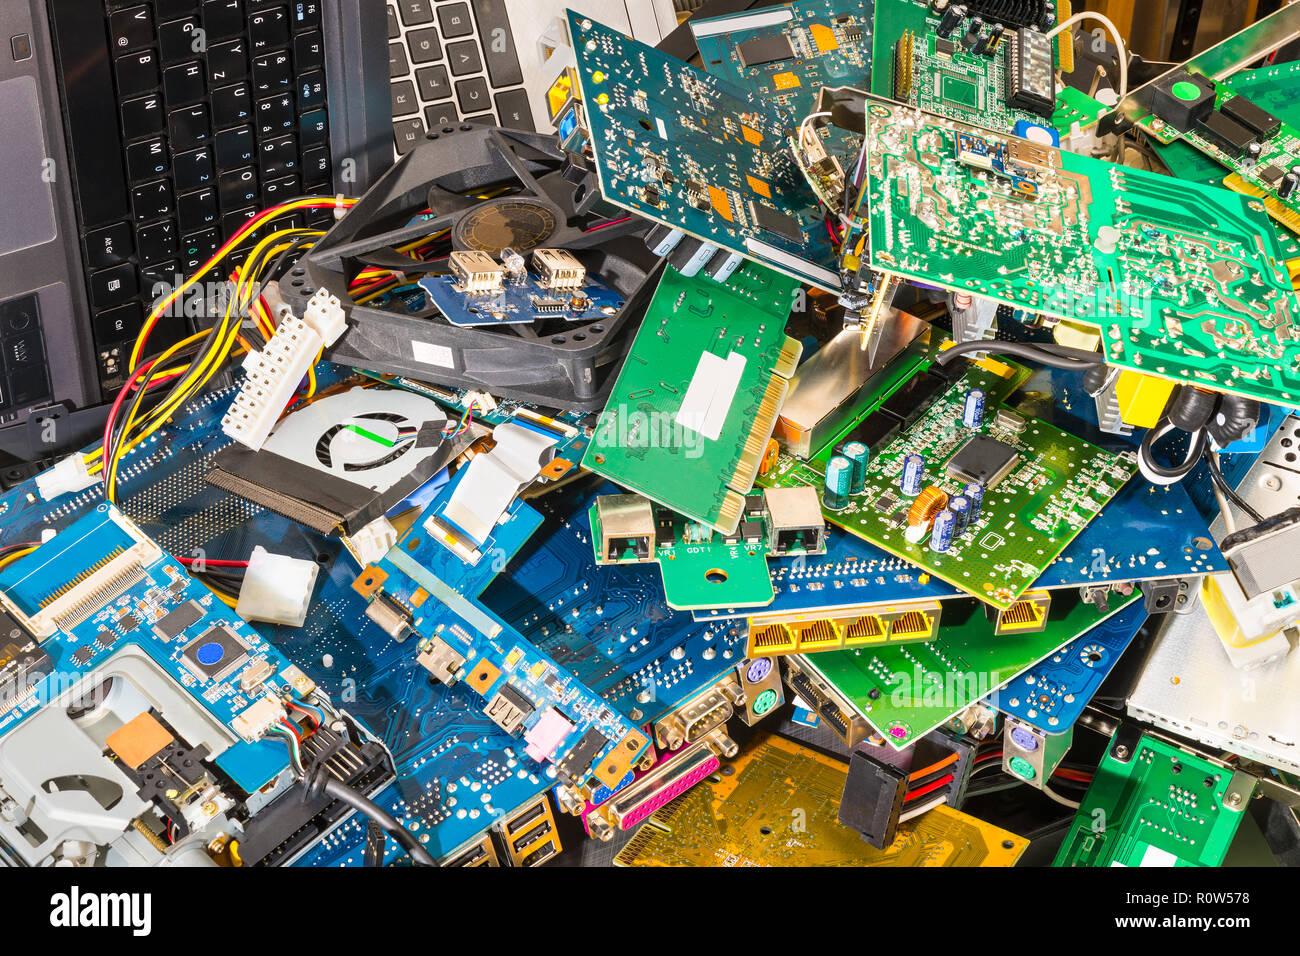 E-catasta di rifiuti da scartare parti di un computer portatile. I connettori per circuito stampato, le tastiere dei notebook. Sfondo colorato da componenti del PC. Il riciclaggio dei rifiuti elettronici. Immagini Stock